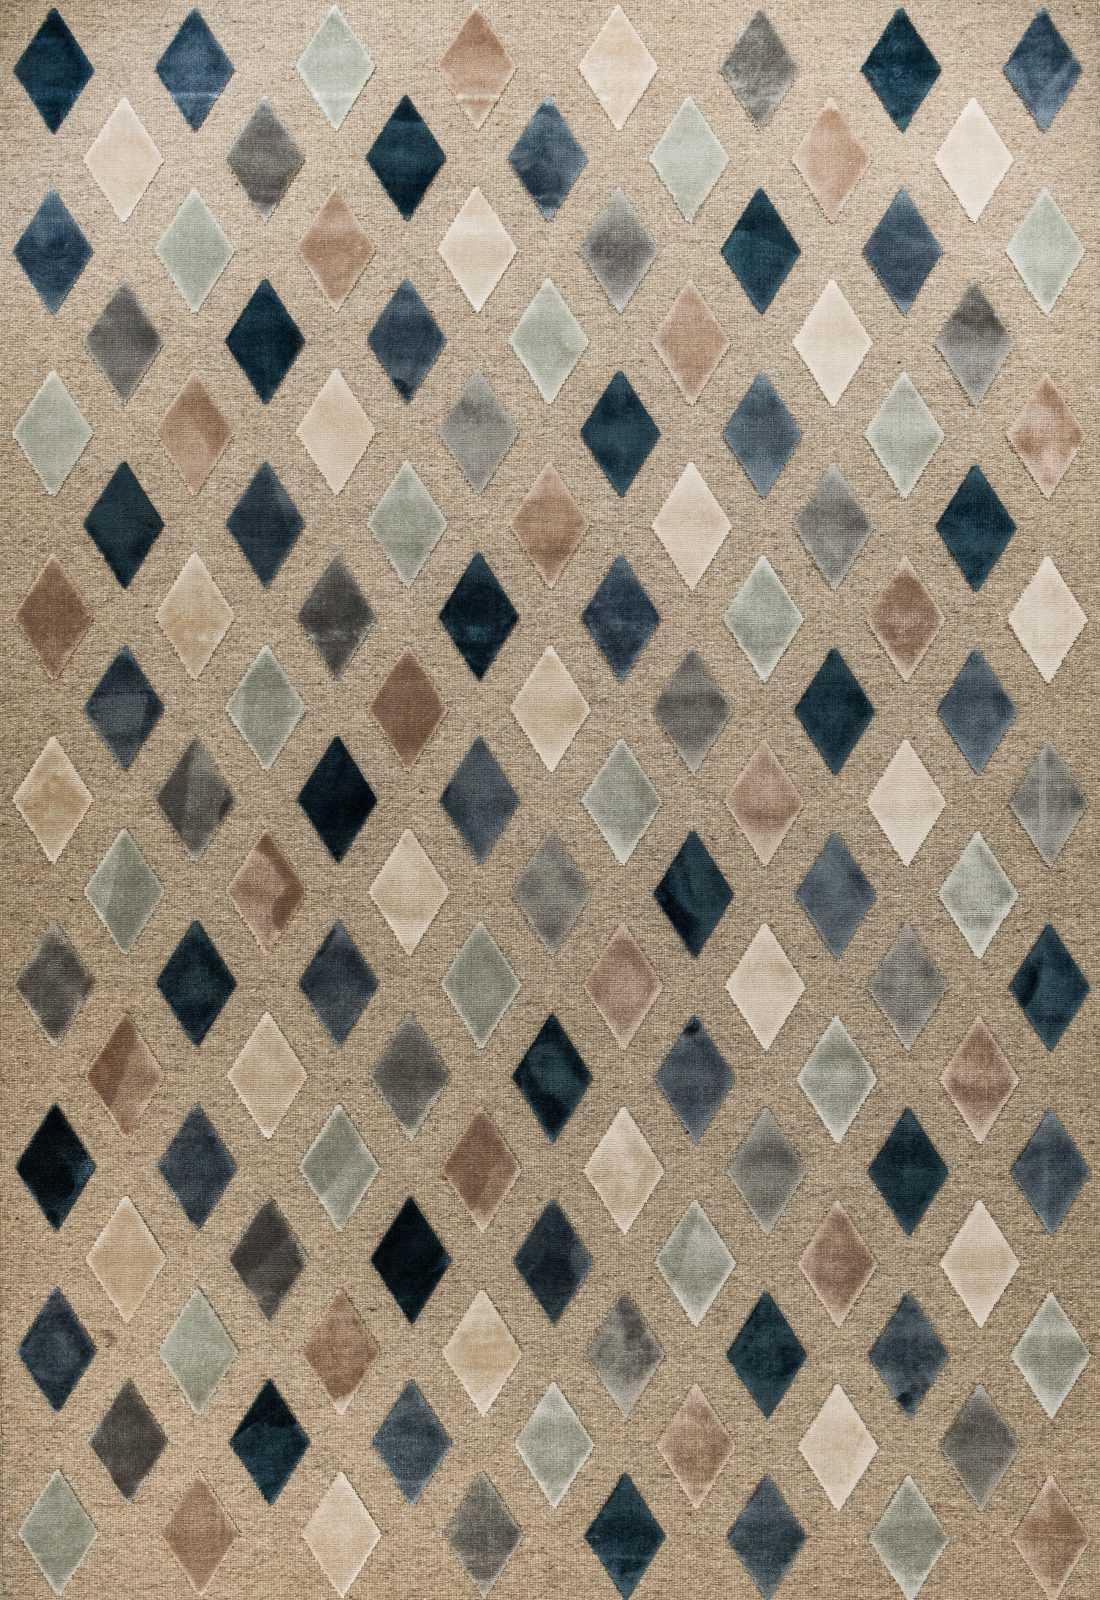 שטיח מודרני מעויינים צבעוני